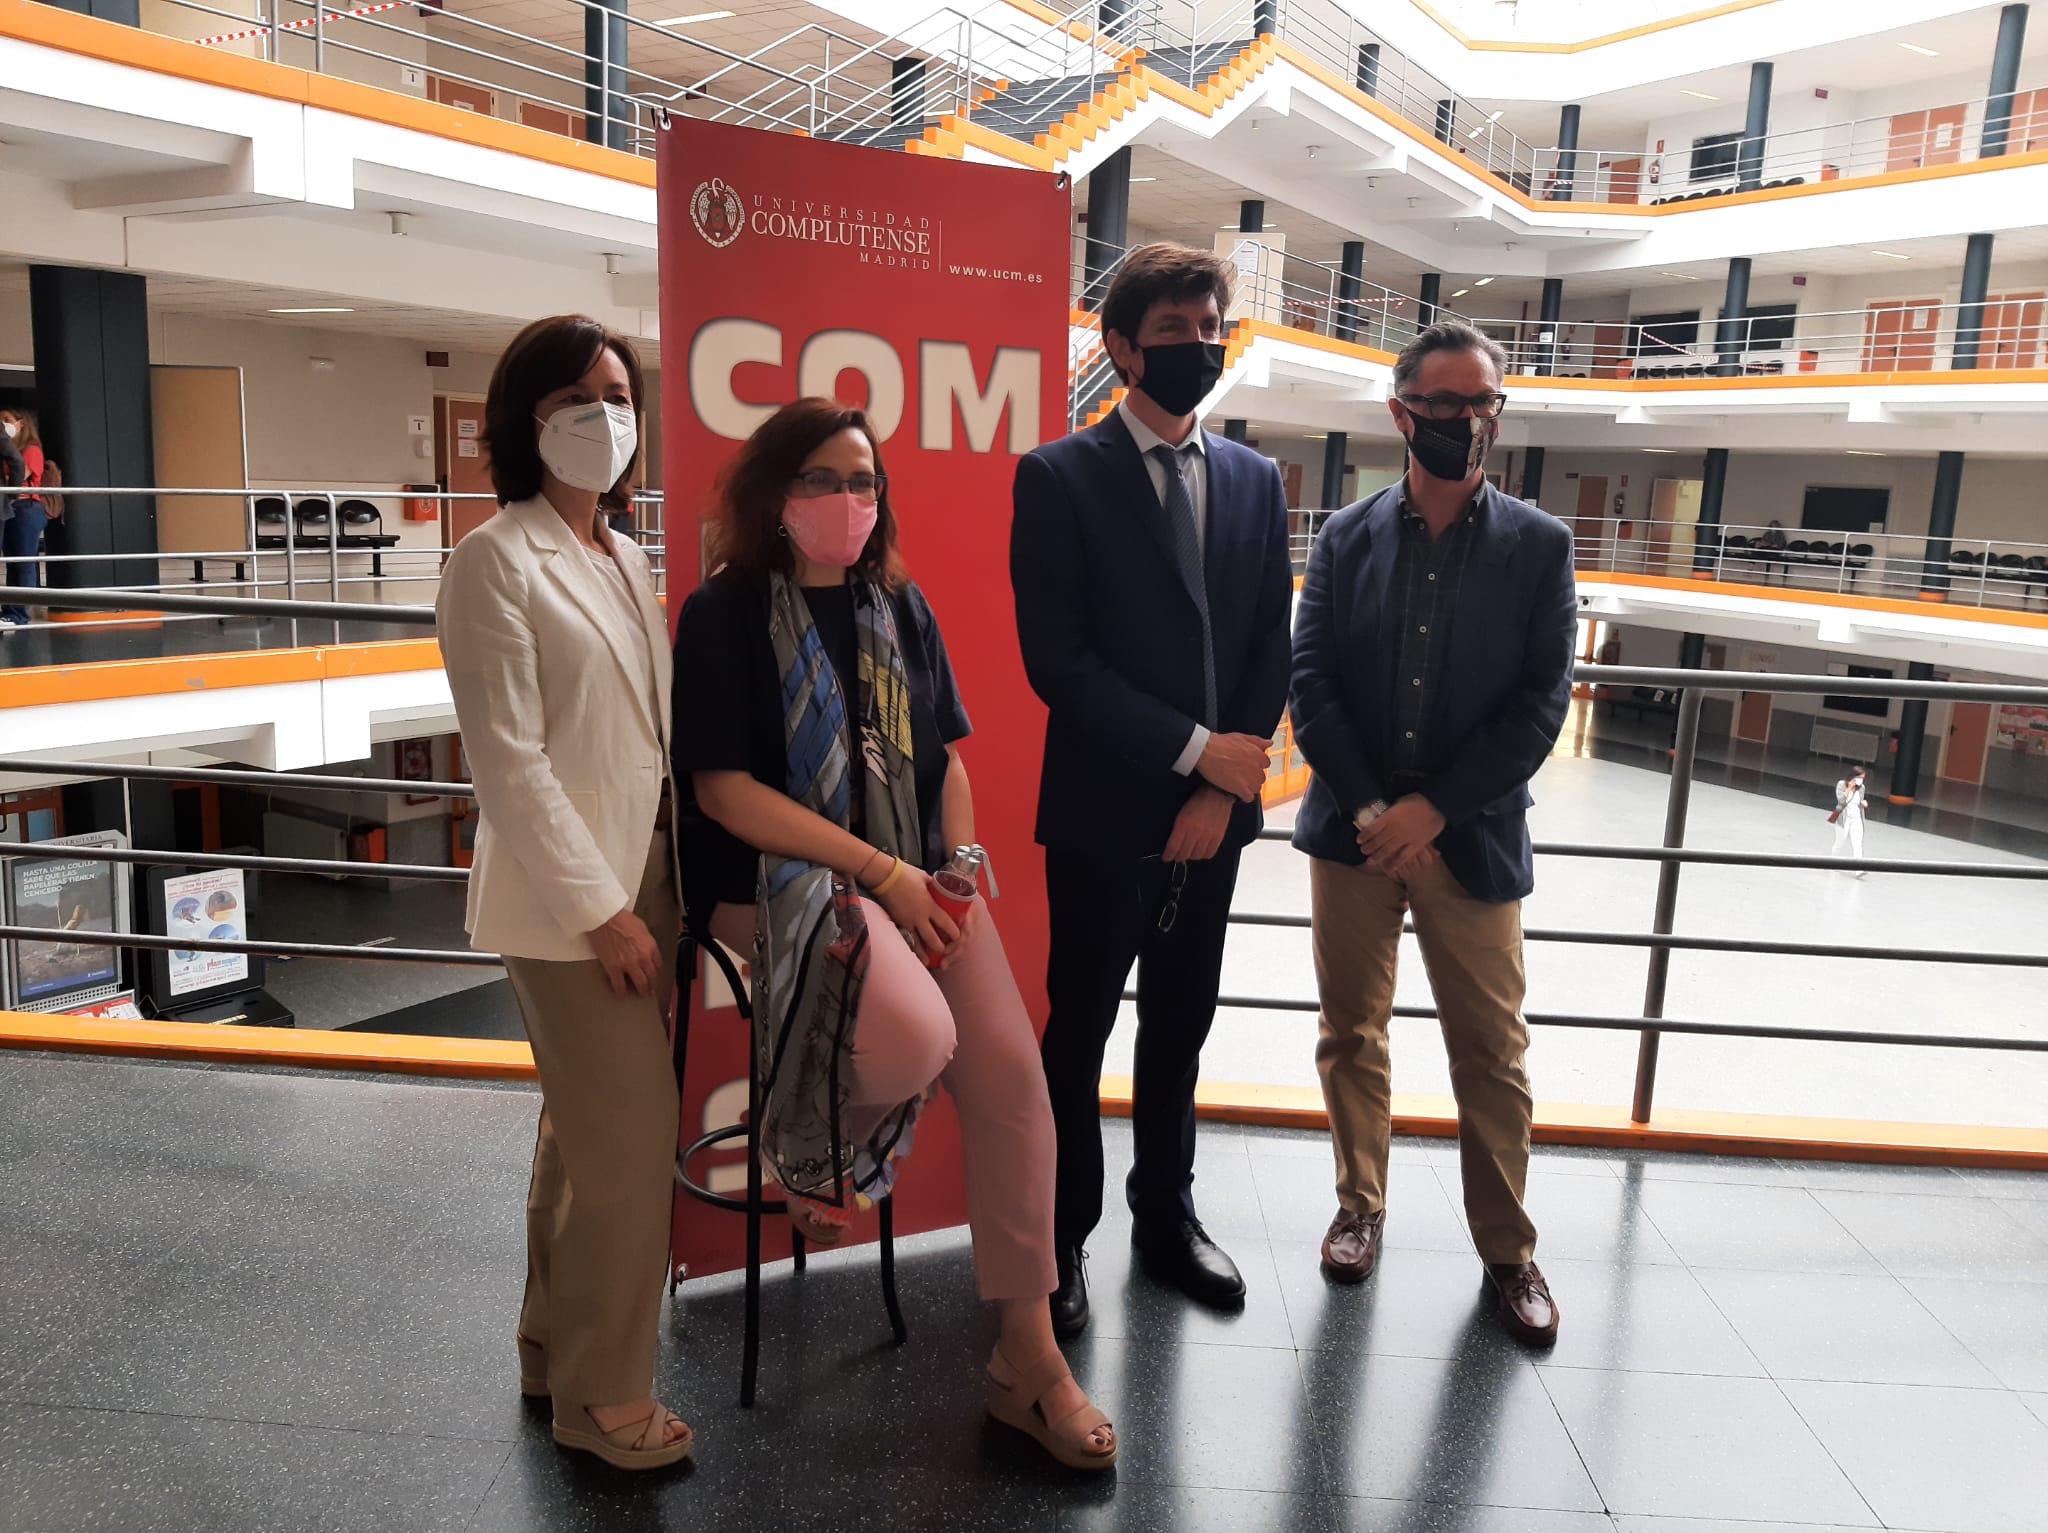 La directora general de Universidades y Enseñanzas Artísticas de la Comunidad de Madrid, Irene Delgado, junto a Rosa de la Fuente, Carlos Rivero y Víctor Briones